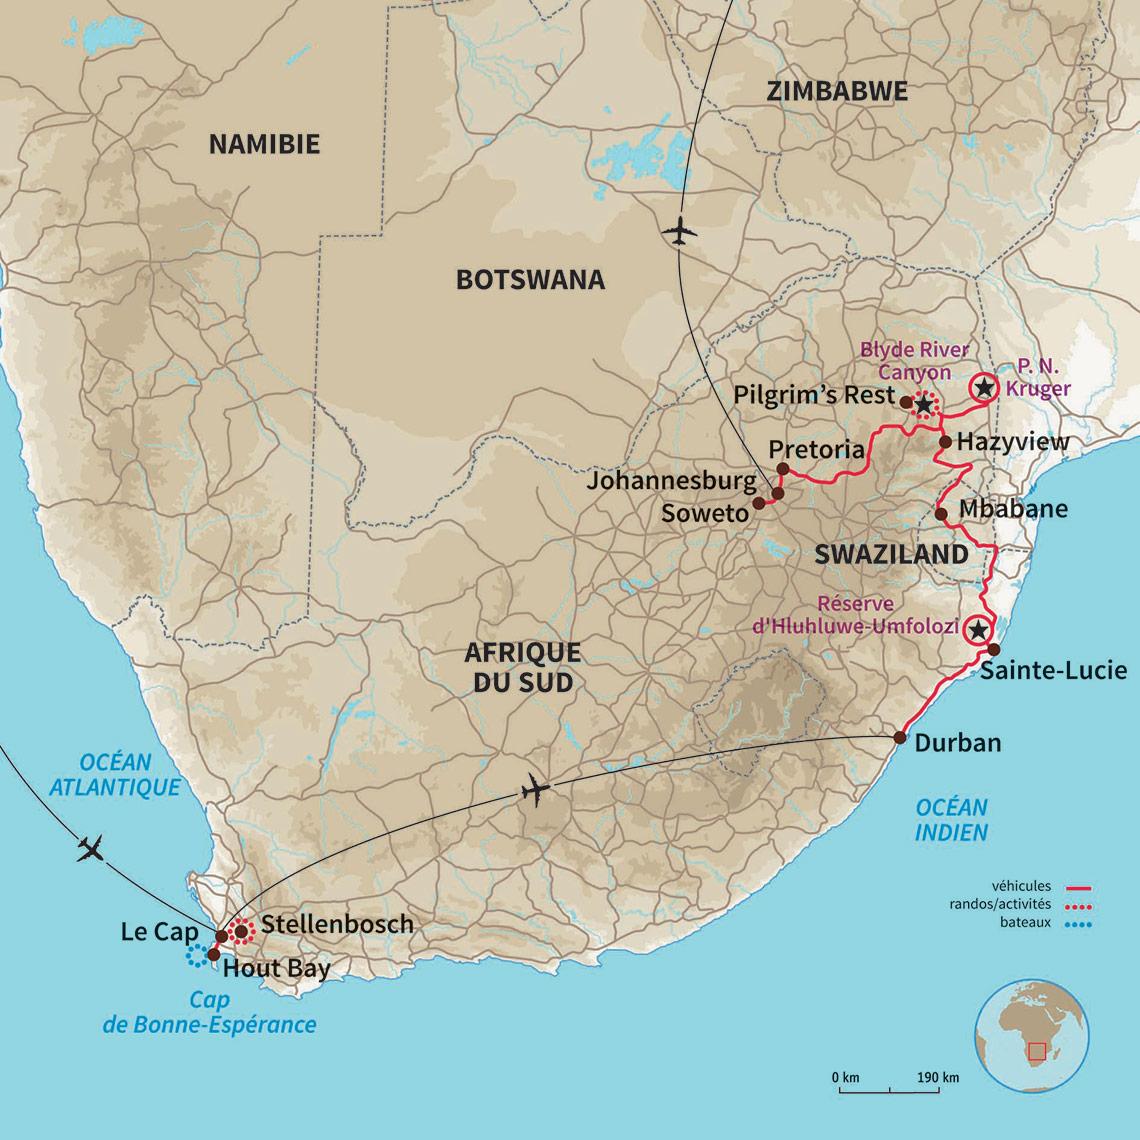 divorcé datant de l'Afrique du Sud à l'étage datant